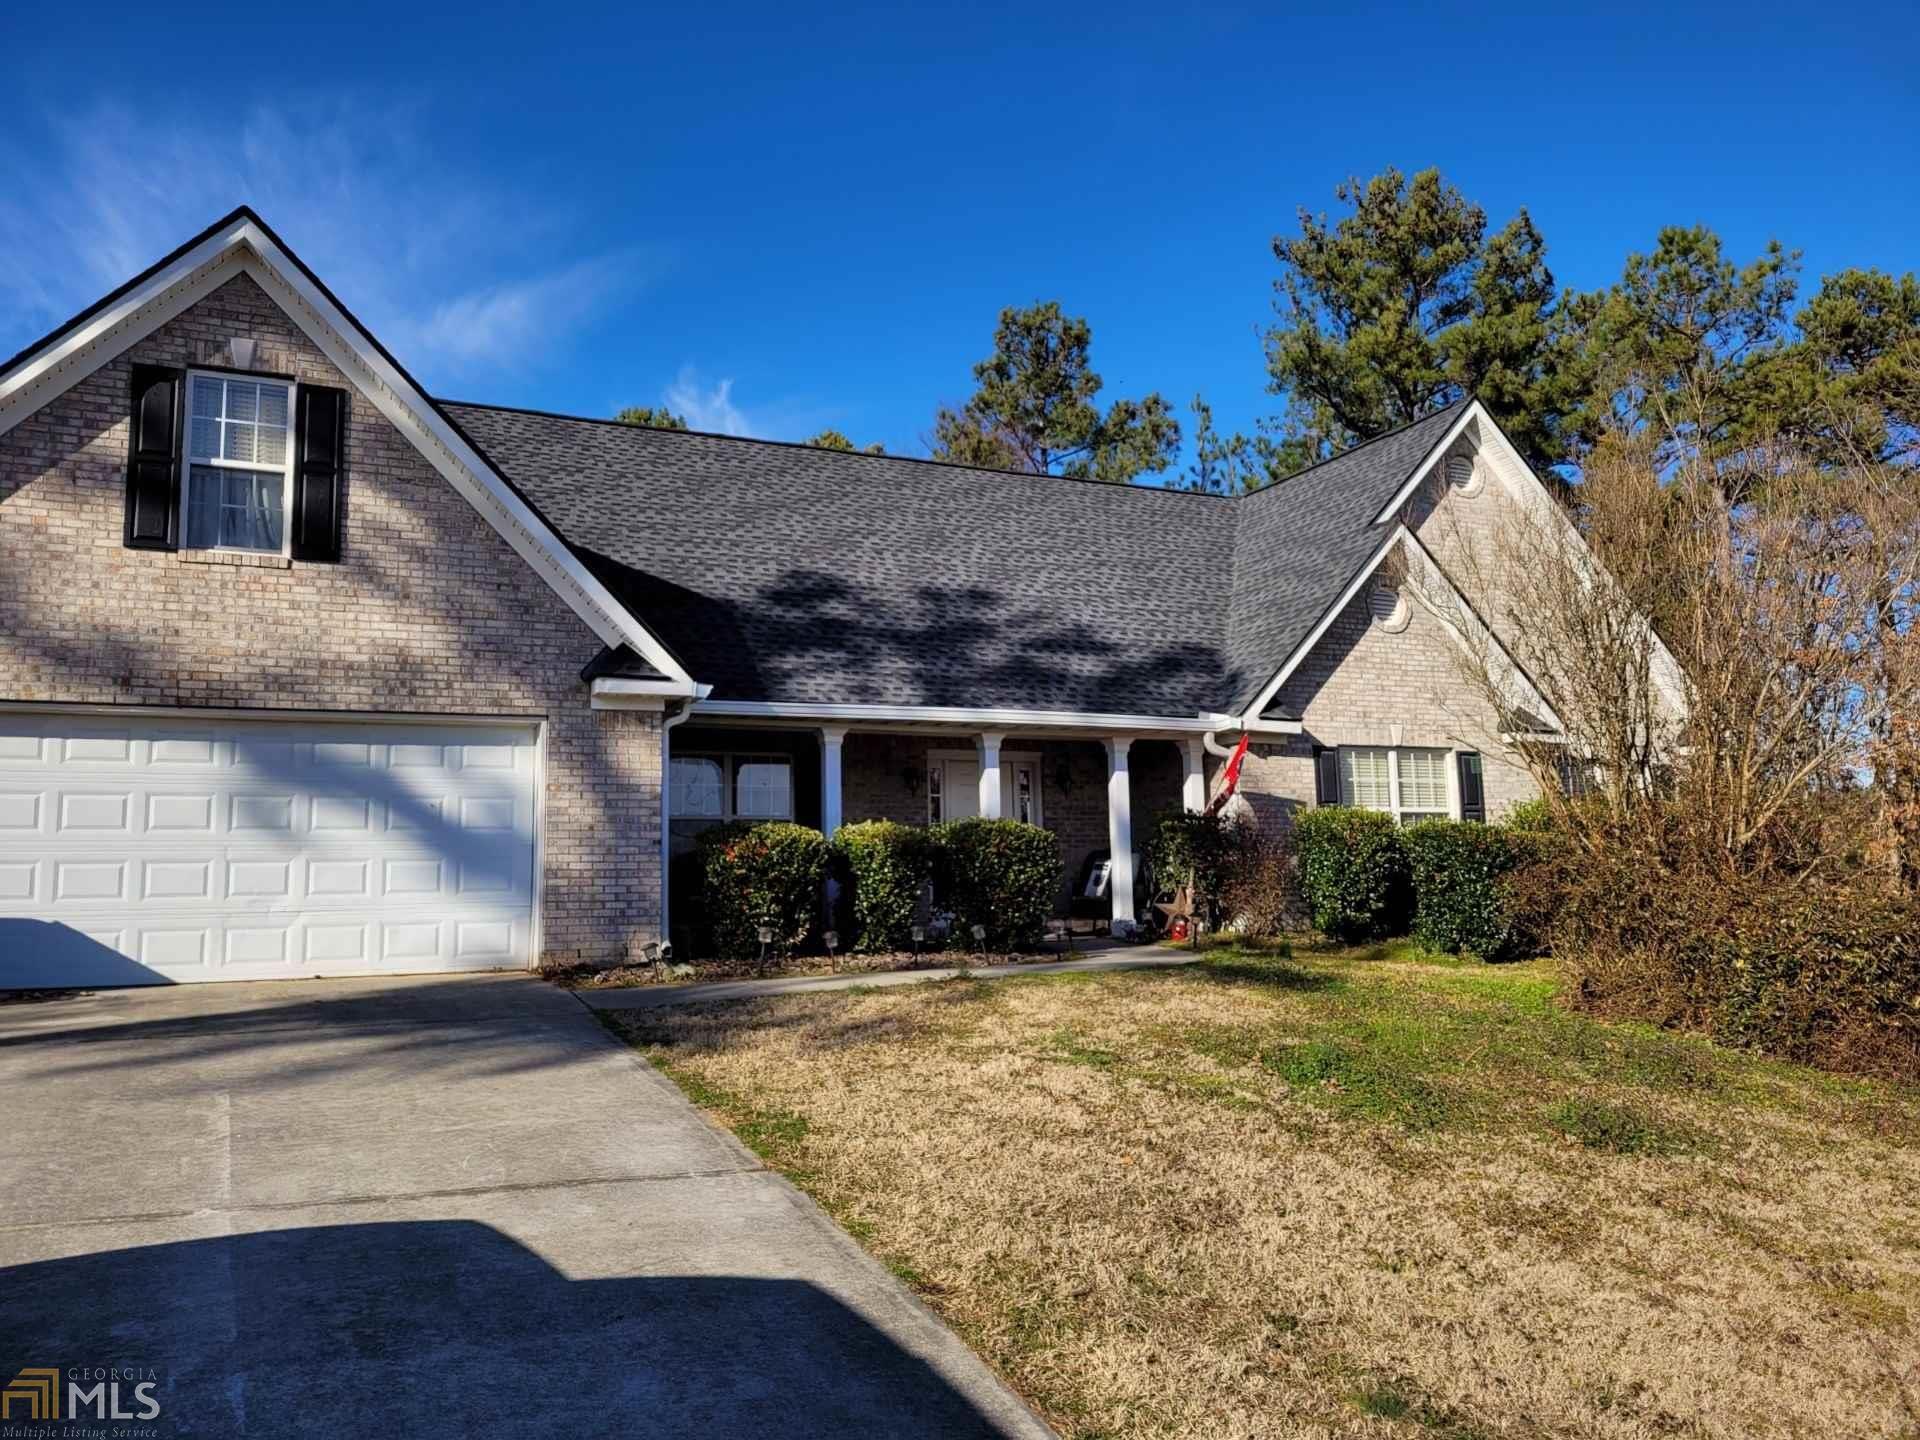 6471 S Sharon Church Rd, Loganville, GA 30052 - #: 8926865